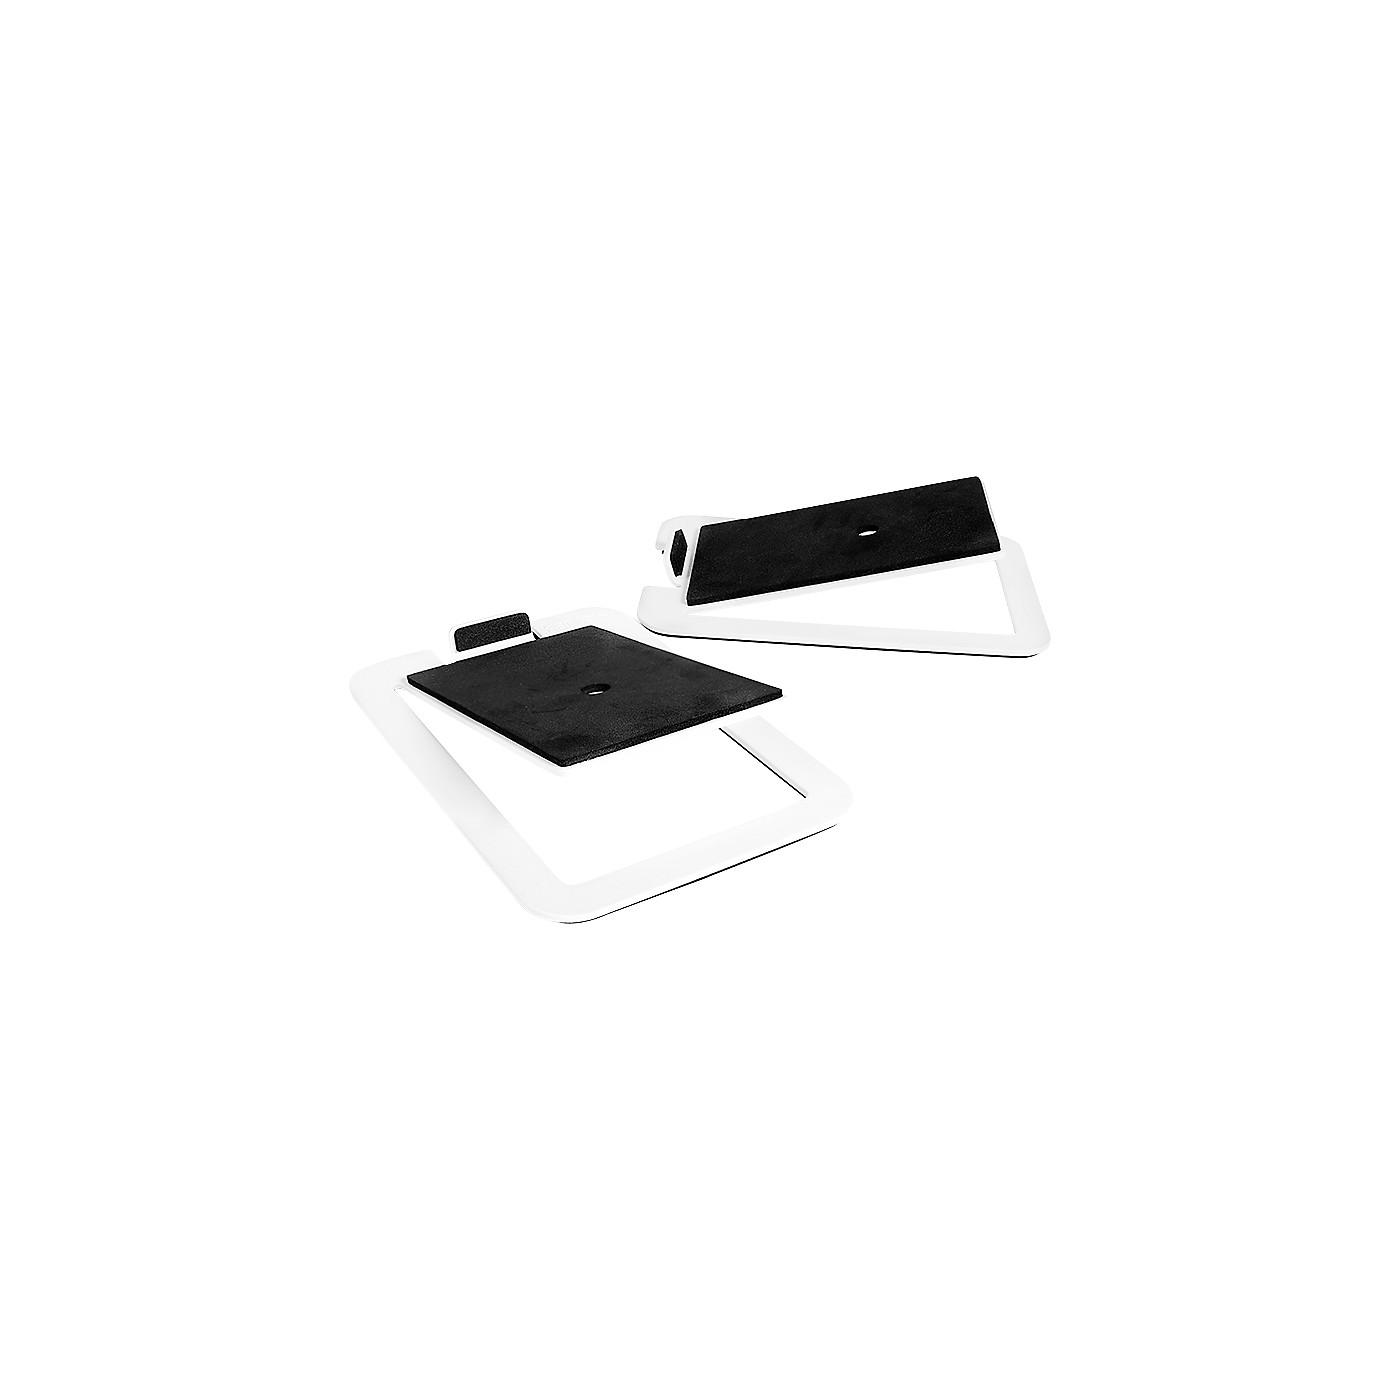 Kanto S4 Desktop Speaker Stands for Midsize Speakers thumbnail